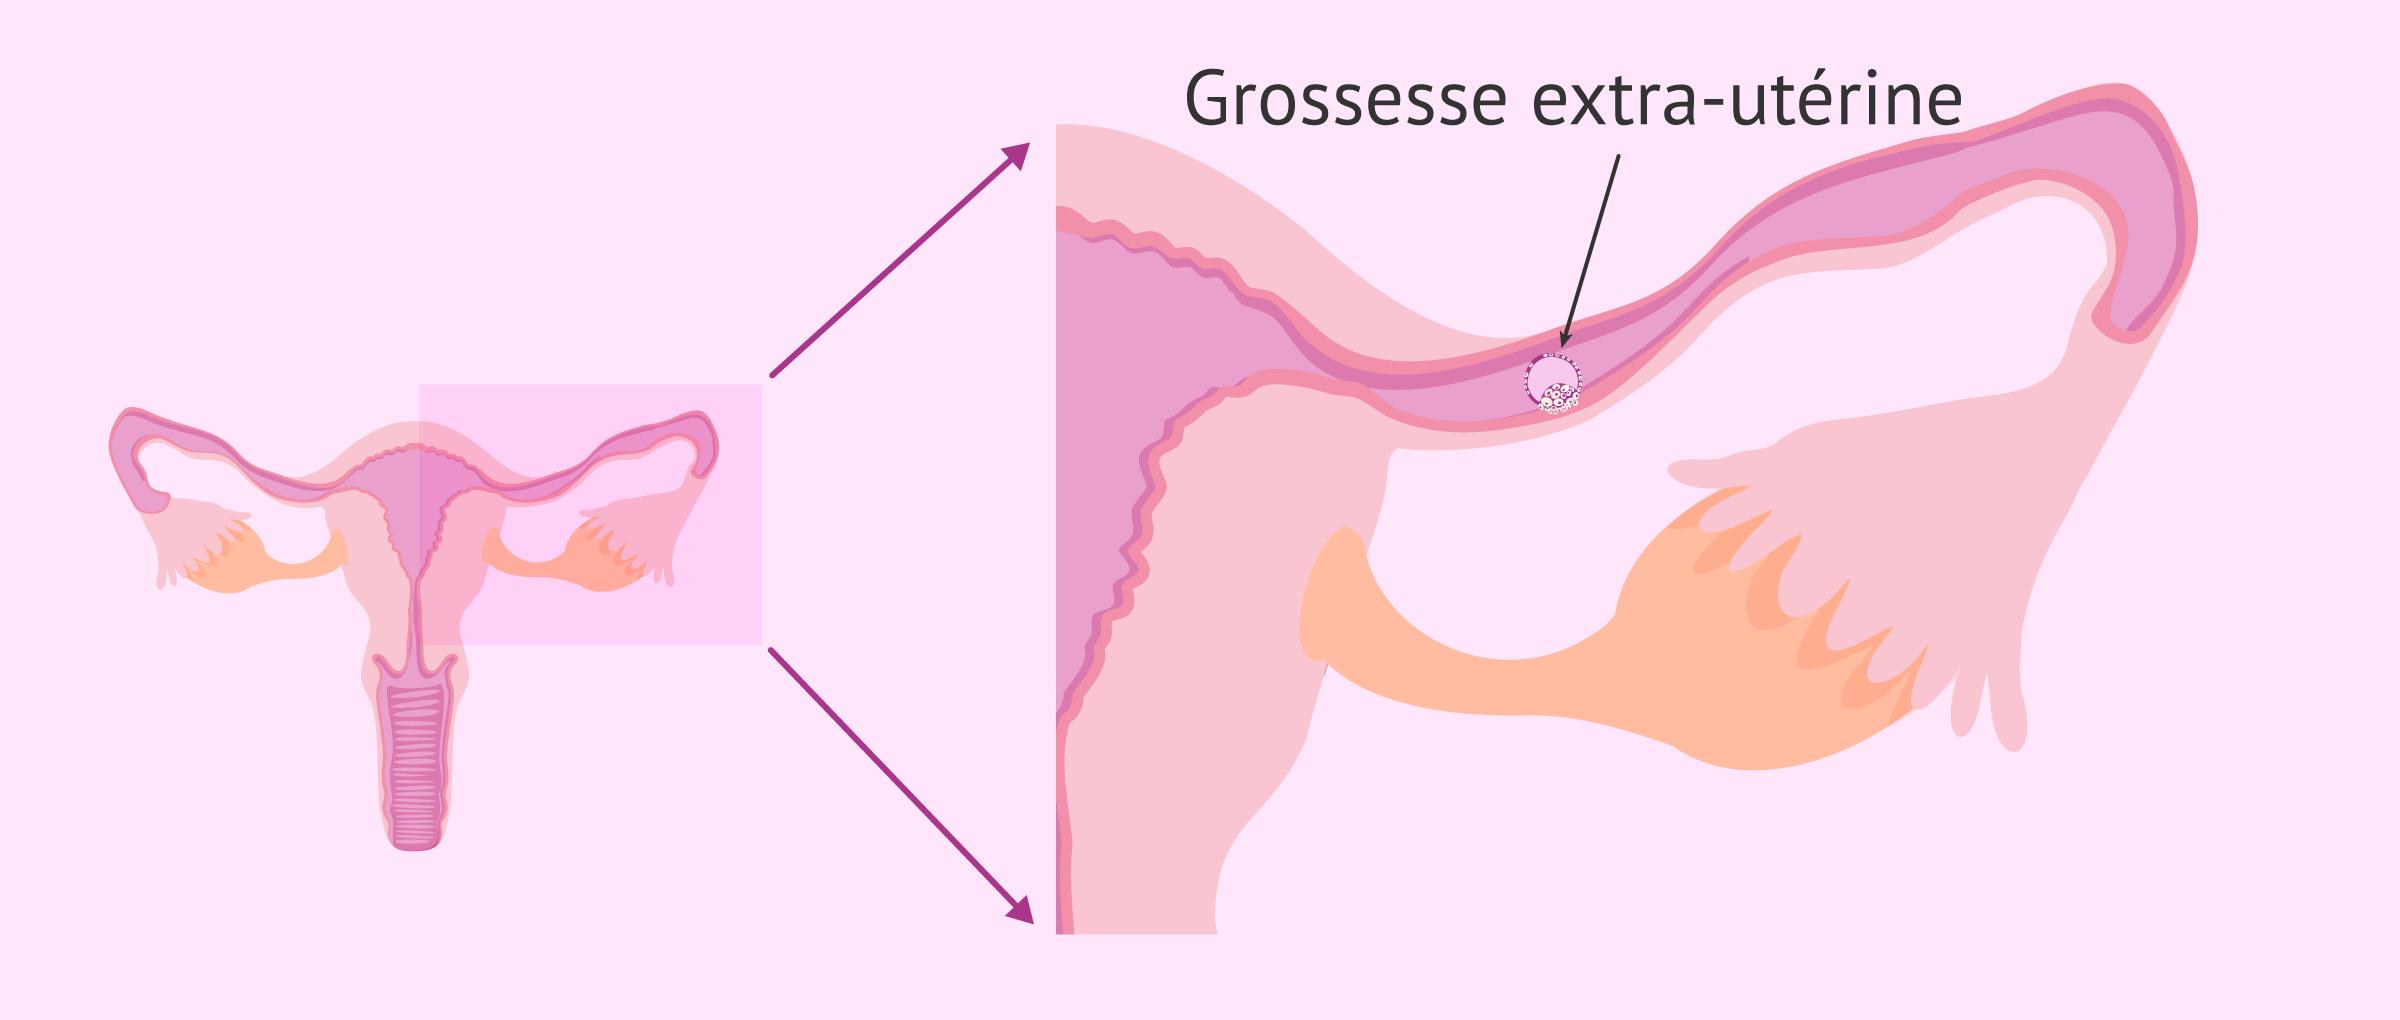 Grossesse extra-utérine dans l'insémination artificielle